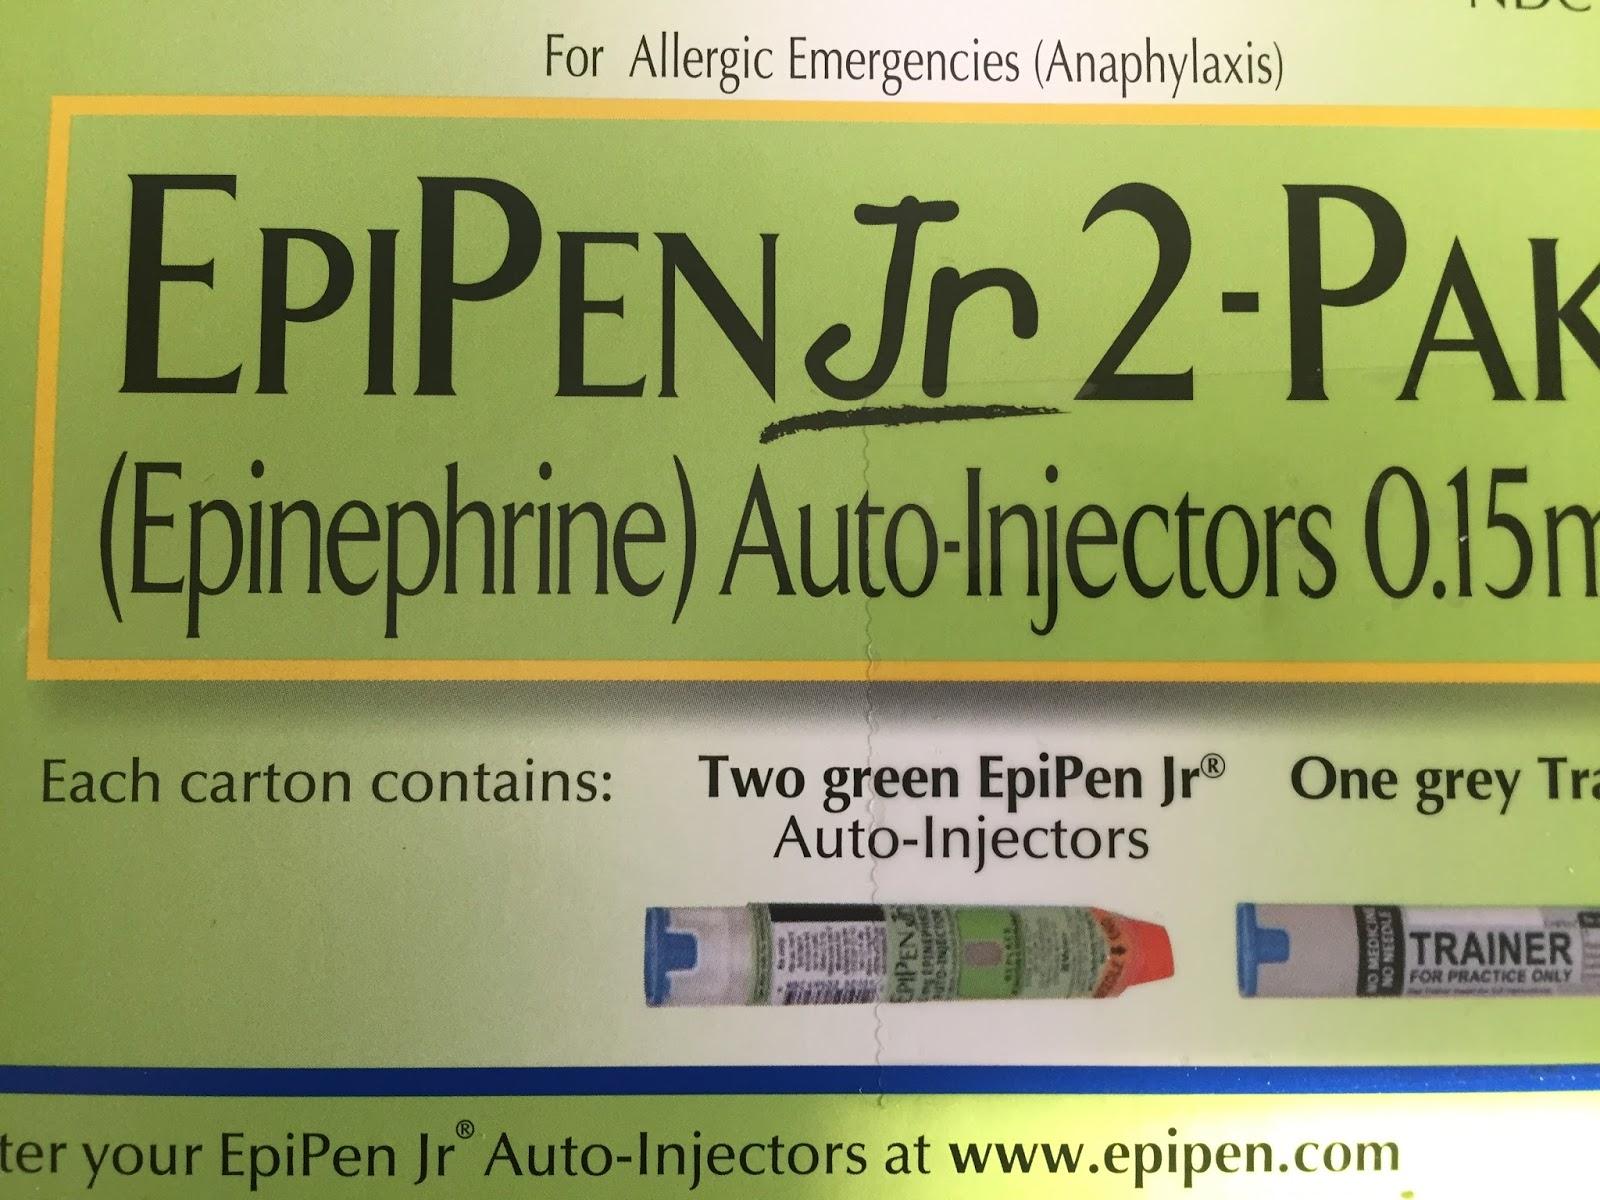 stop epi pen price gouging [ 1600 x 1200 Pixel ]